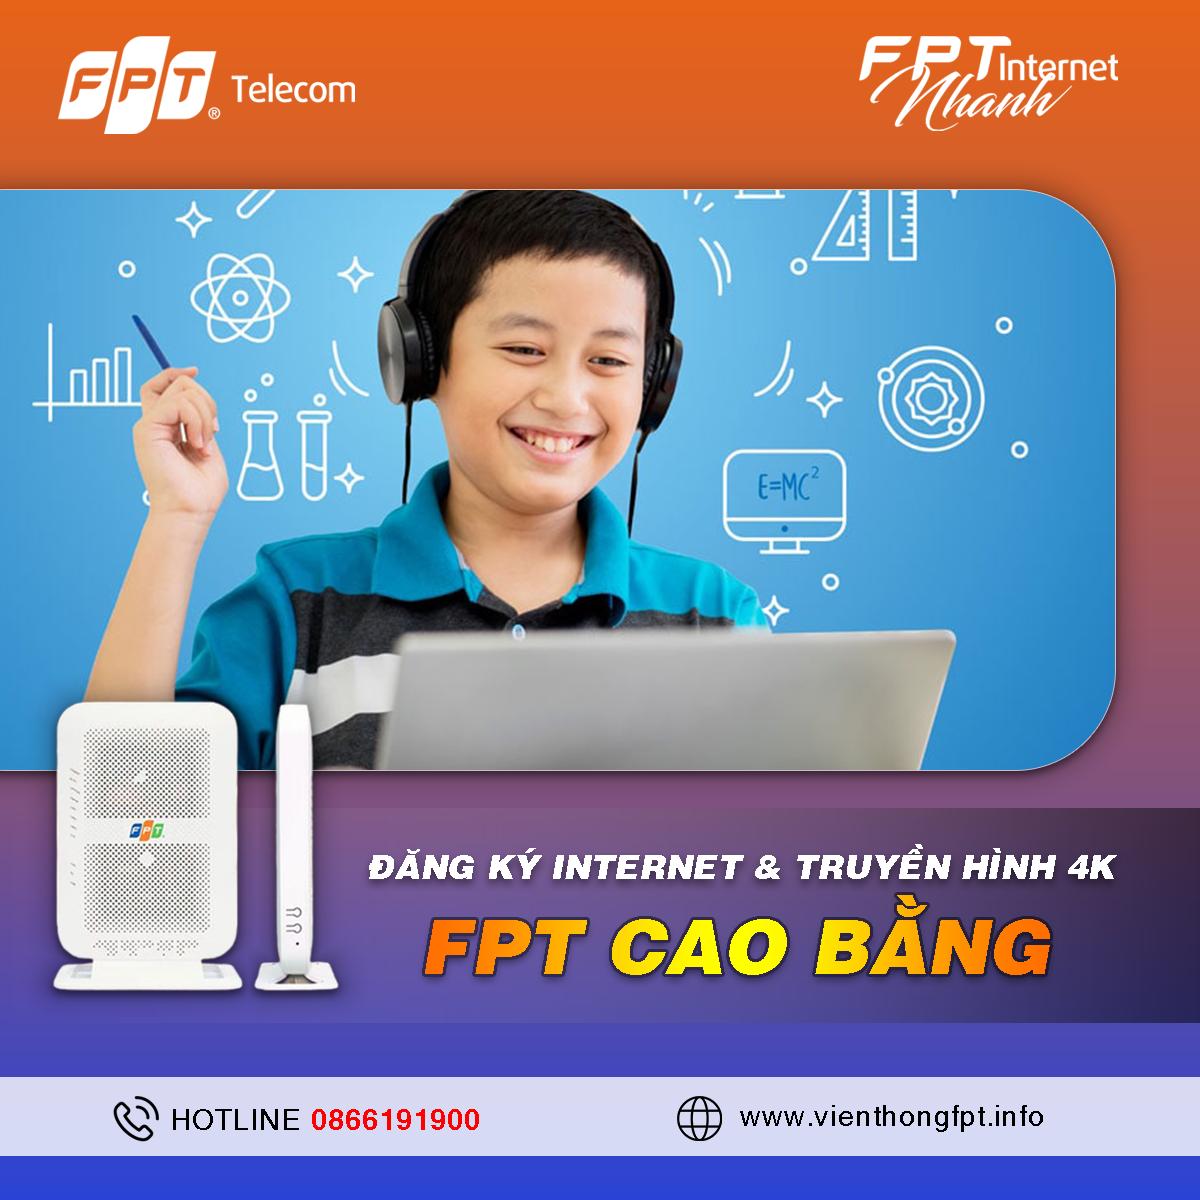 Tổng đài Đăng ký Internet FPT tại Cao Bằng